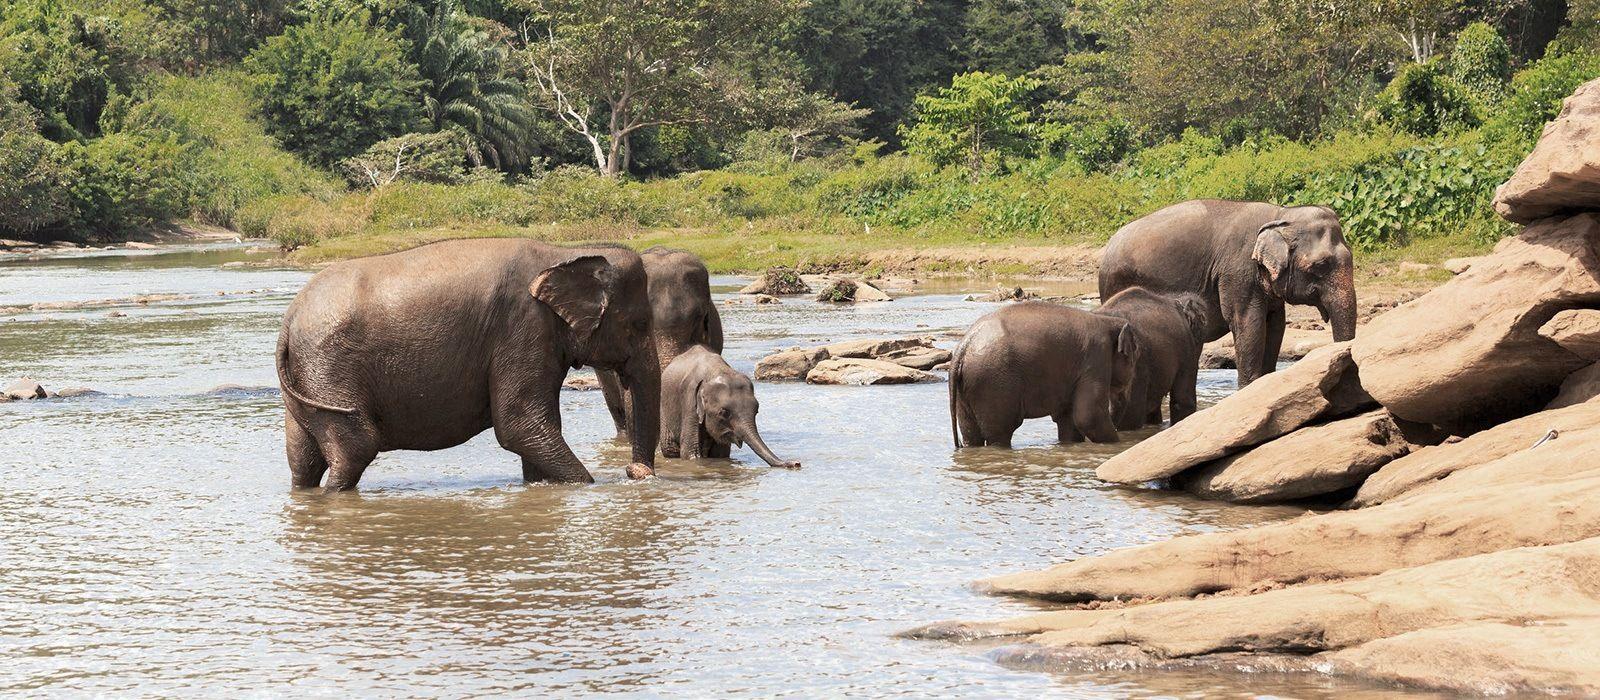 Kultur, Strand & Safaris in Sri Lanka Urlaub 2